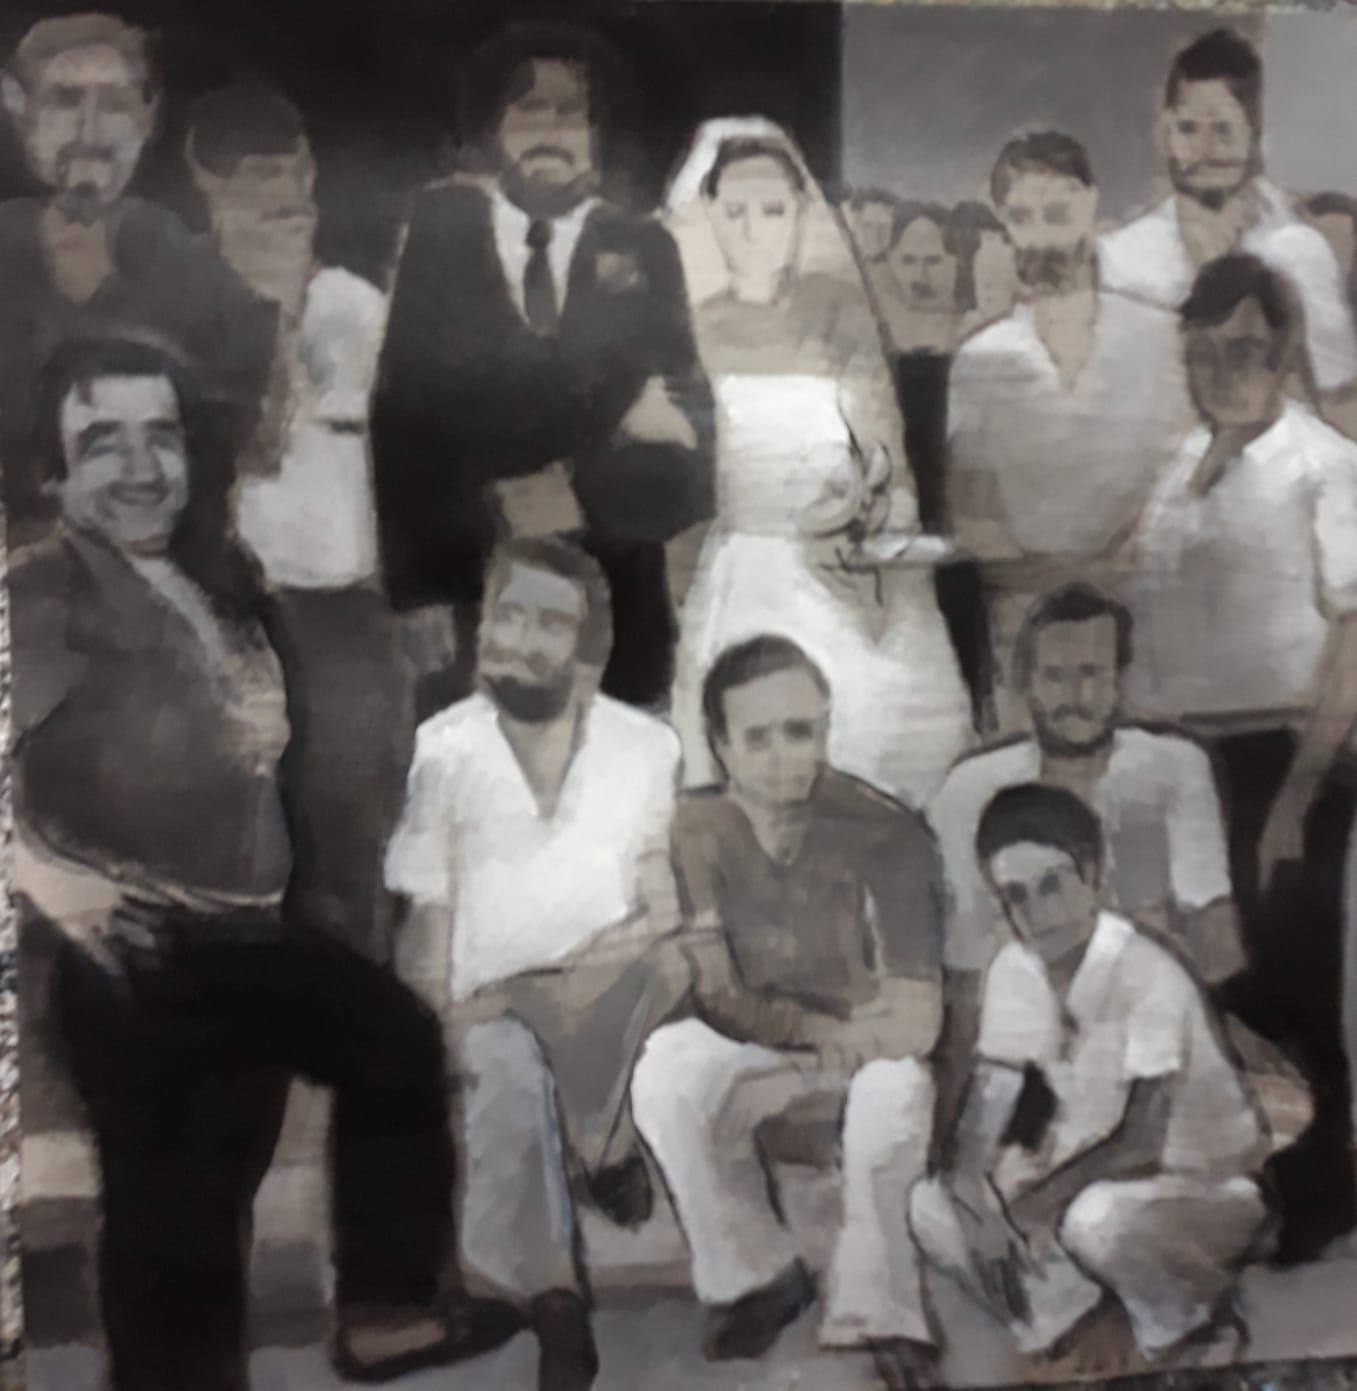 La boda IV (2020) - Rafael Alvarado